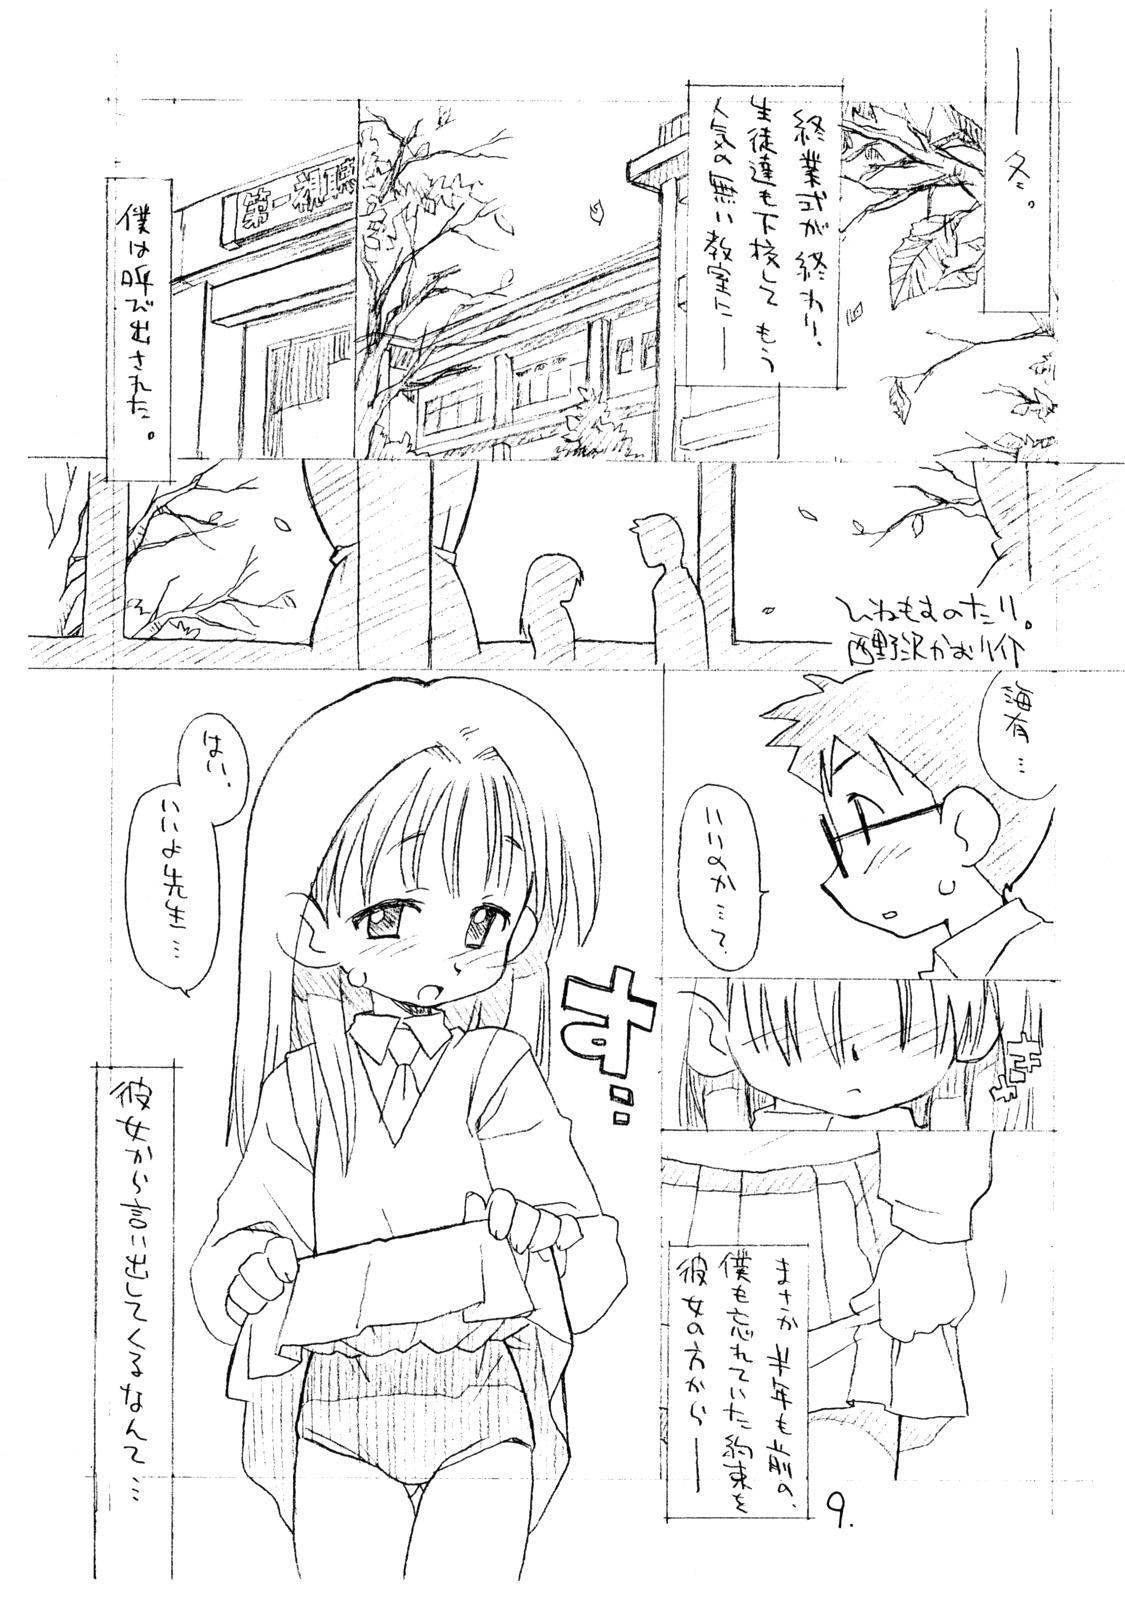 Okosama One-touch 7